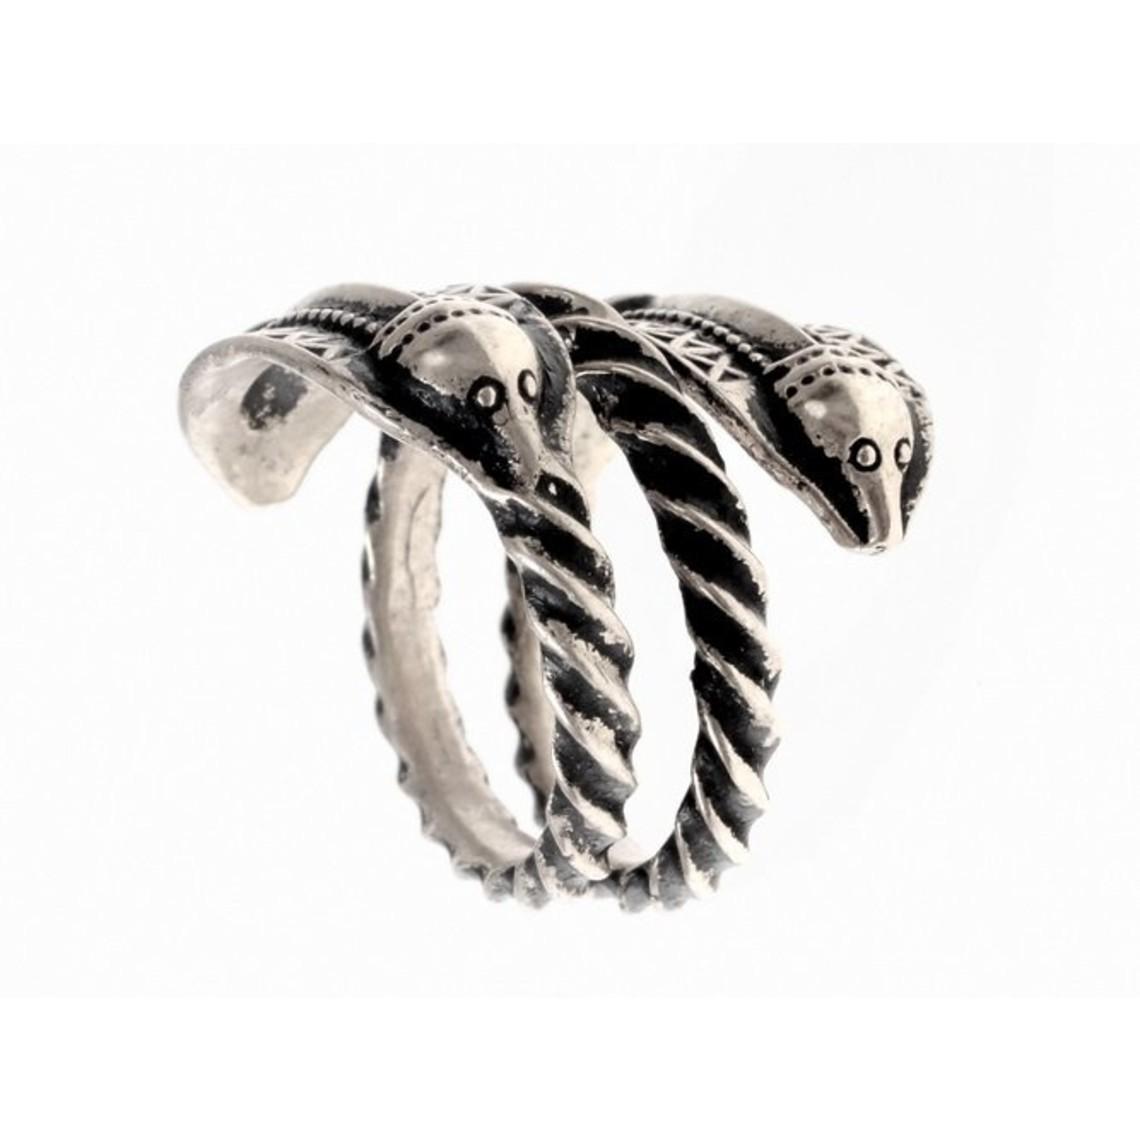 Germański epoki żelaza pierścień Naustdal, posrebrzane